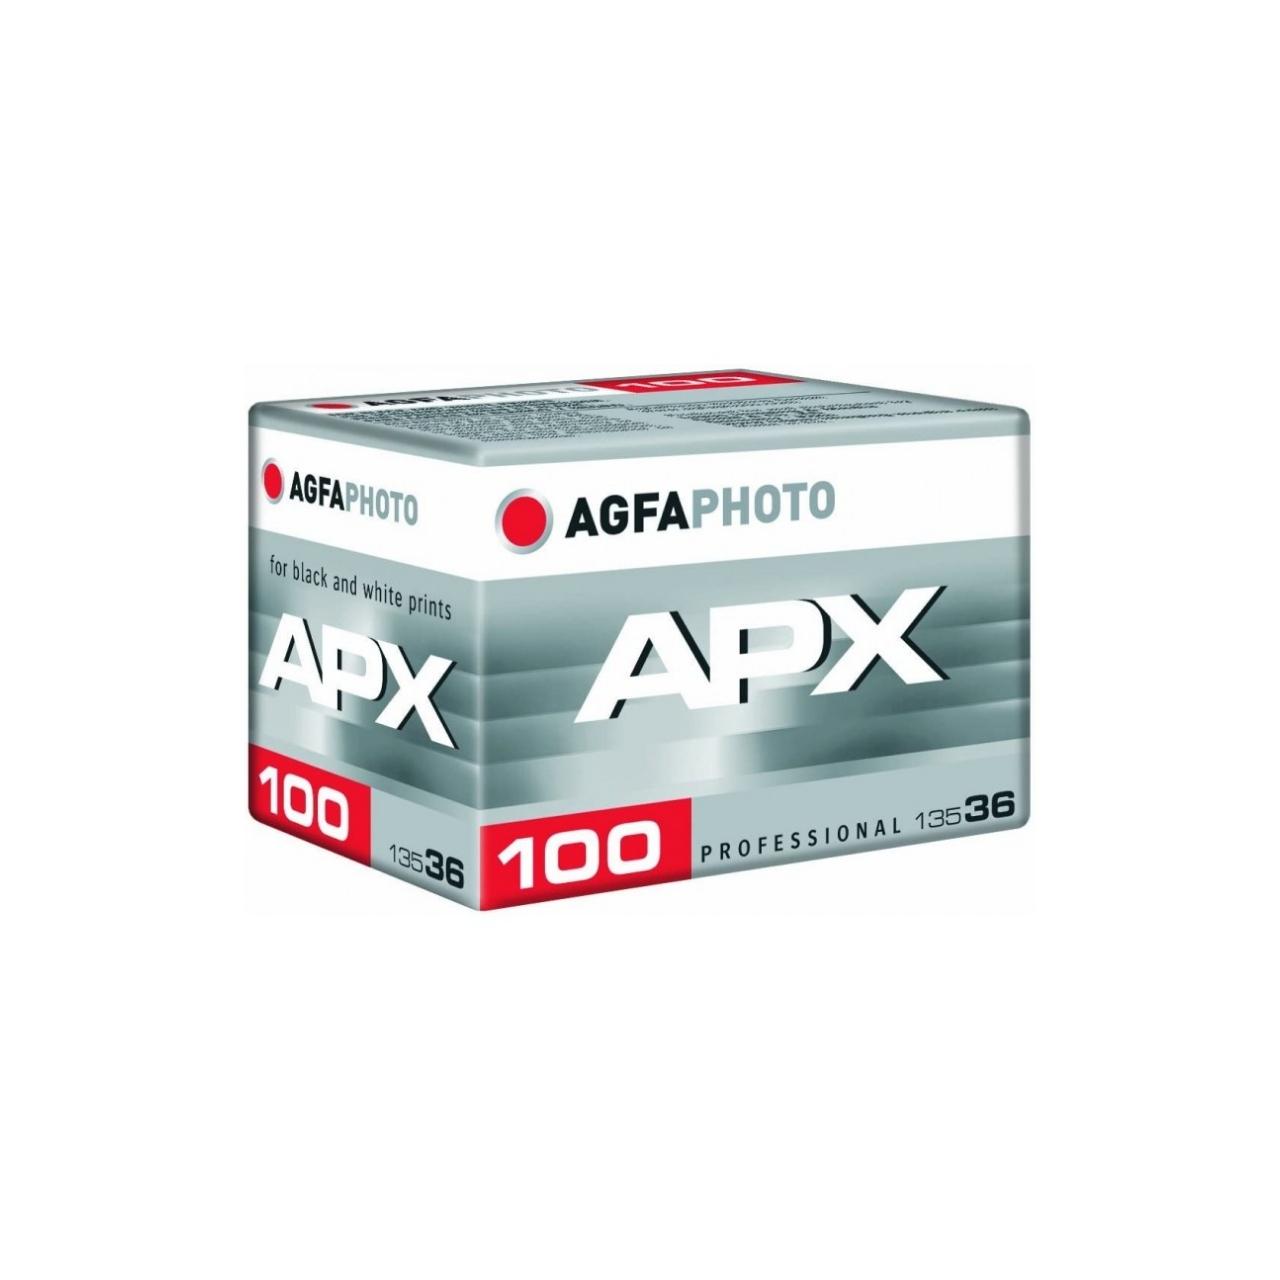 AgfaPhoto APX 100-36 Película Blanco y Negro 35mm